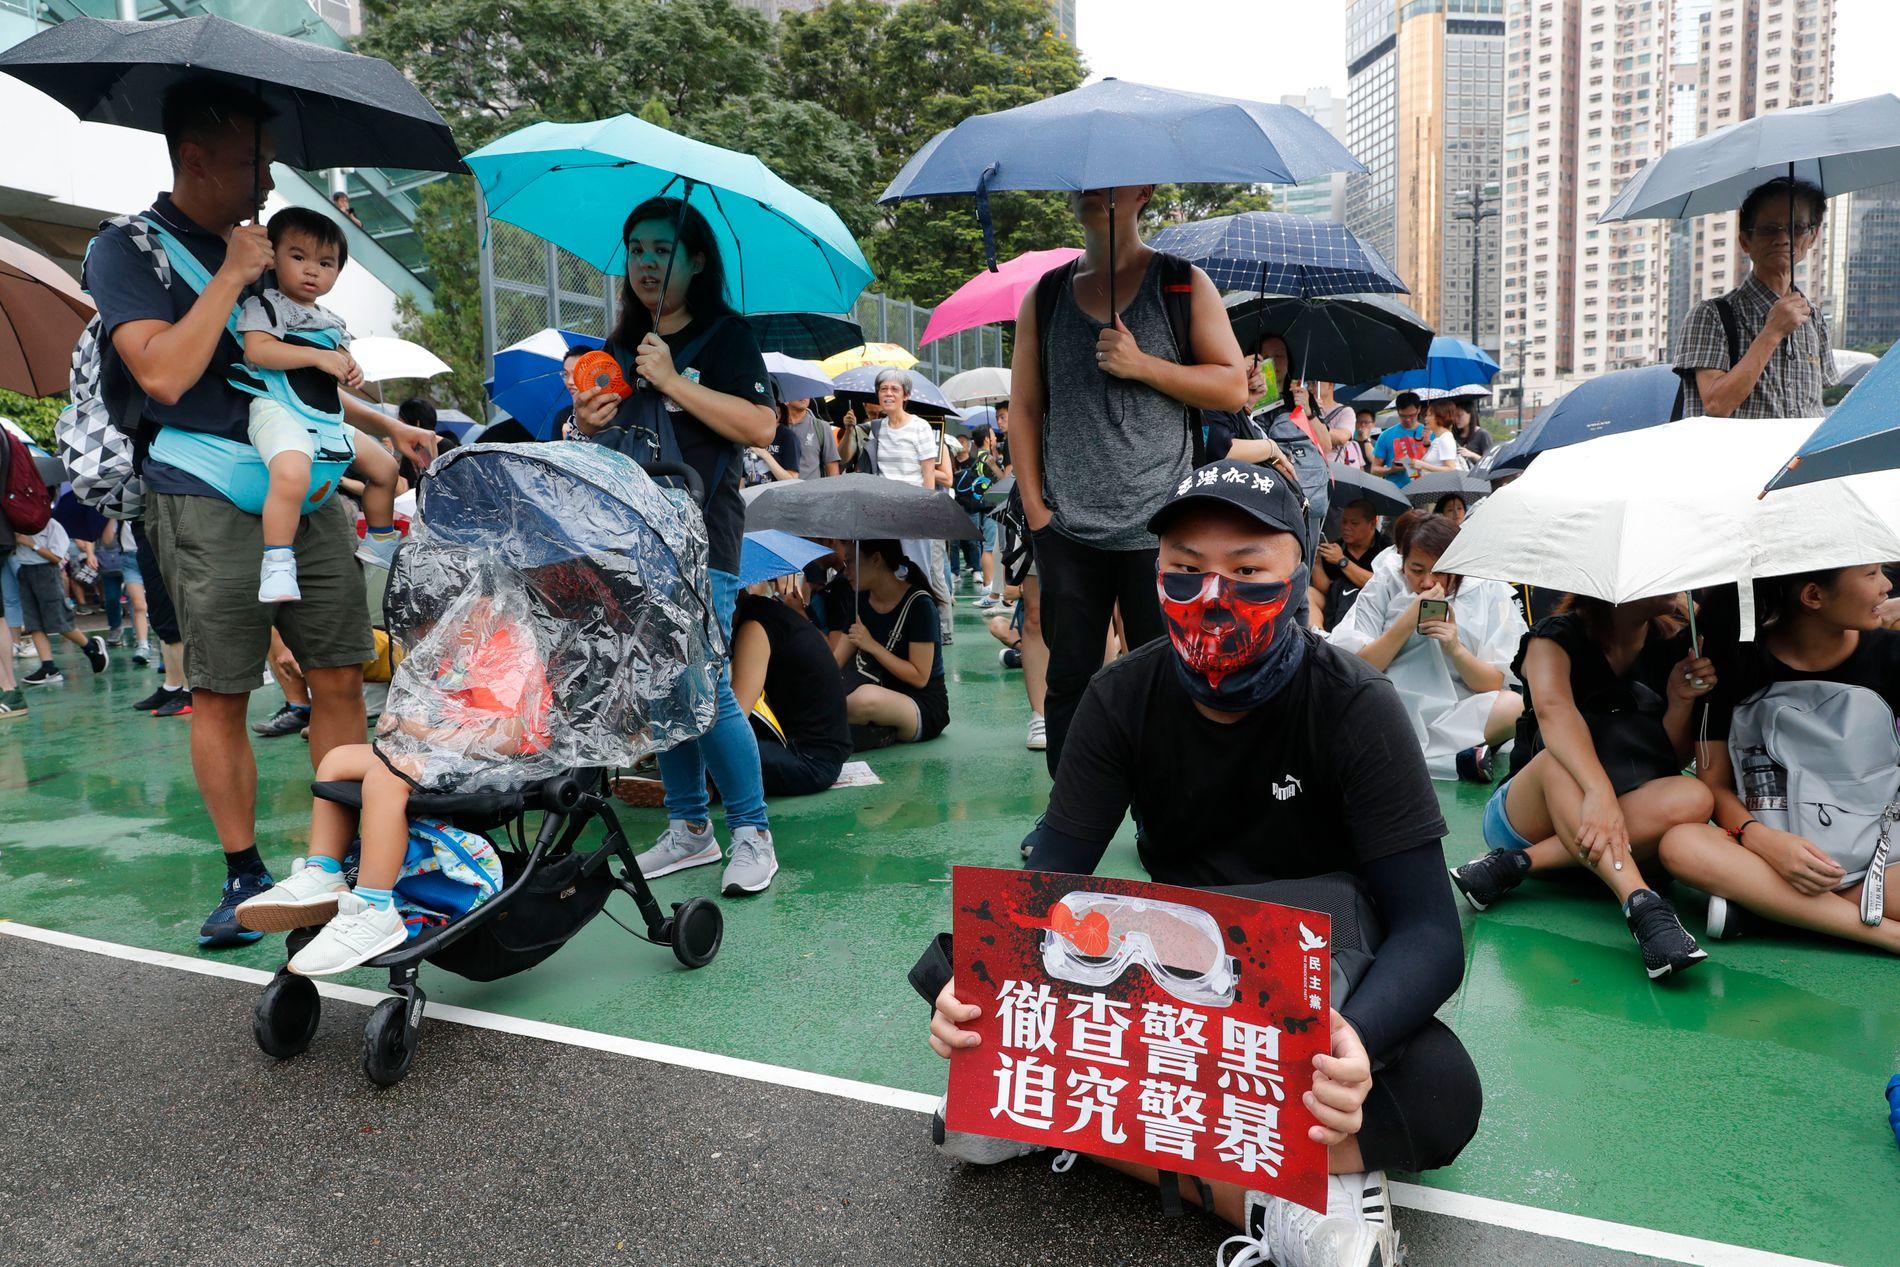 En av demonstrantene holder en plakat der det blir oppfordret til en grundig etterforskning av politivold og korrupsjon.